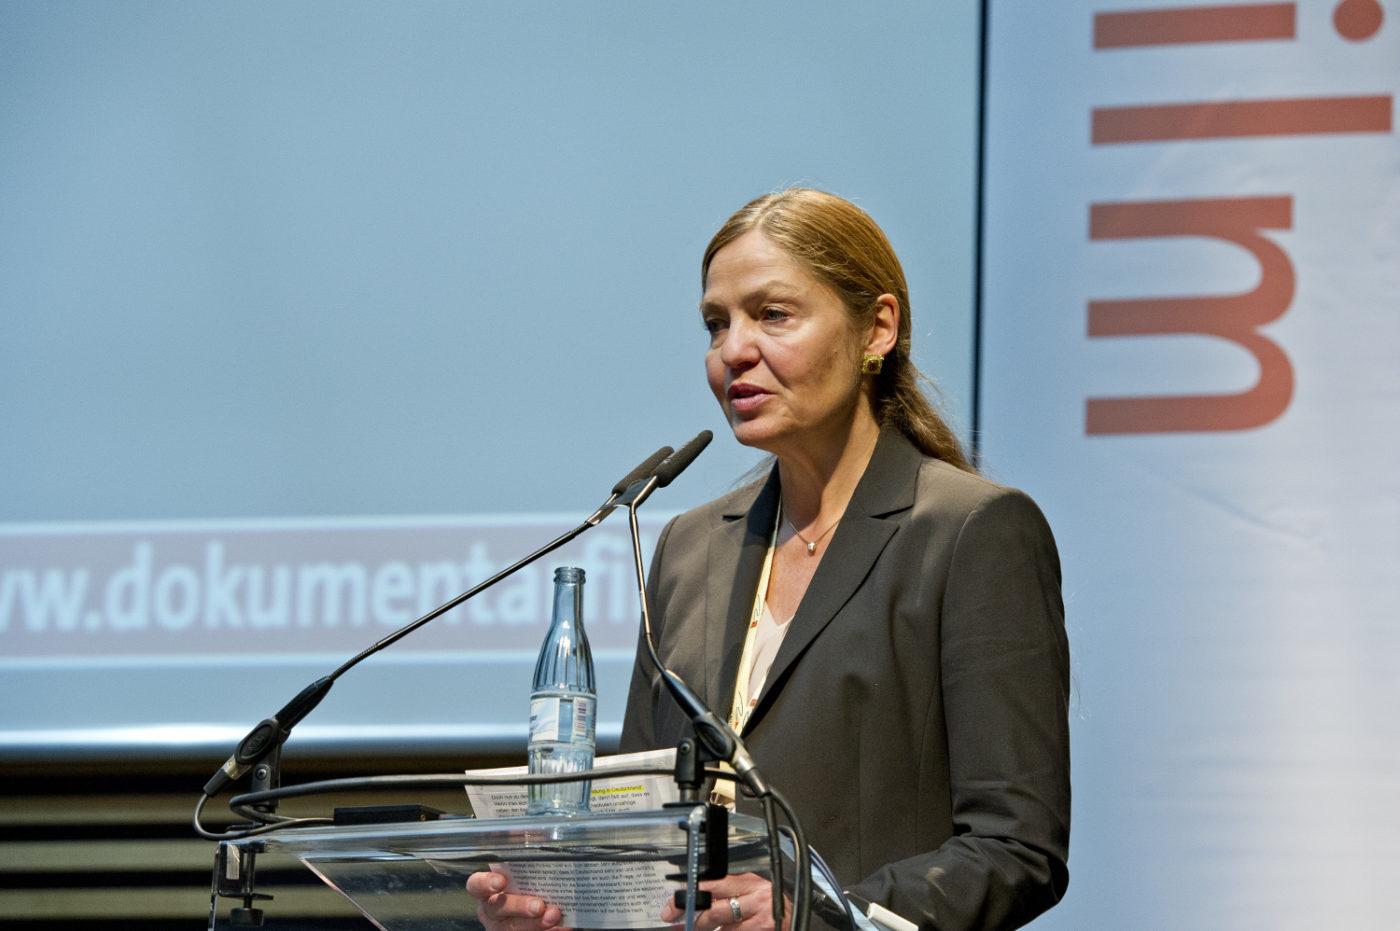 Astrid Beyer: Ich arbeite im Haus des Dokumentarfilms und gestalte den Branchentreff DOKVILLE